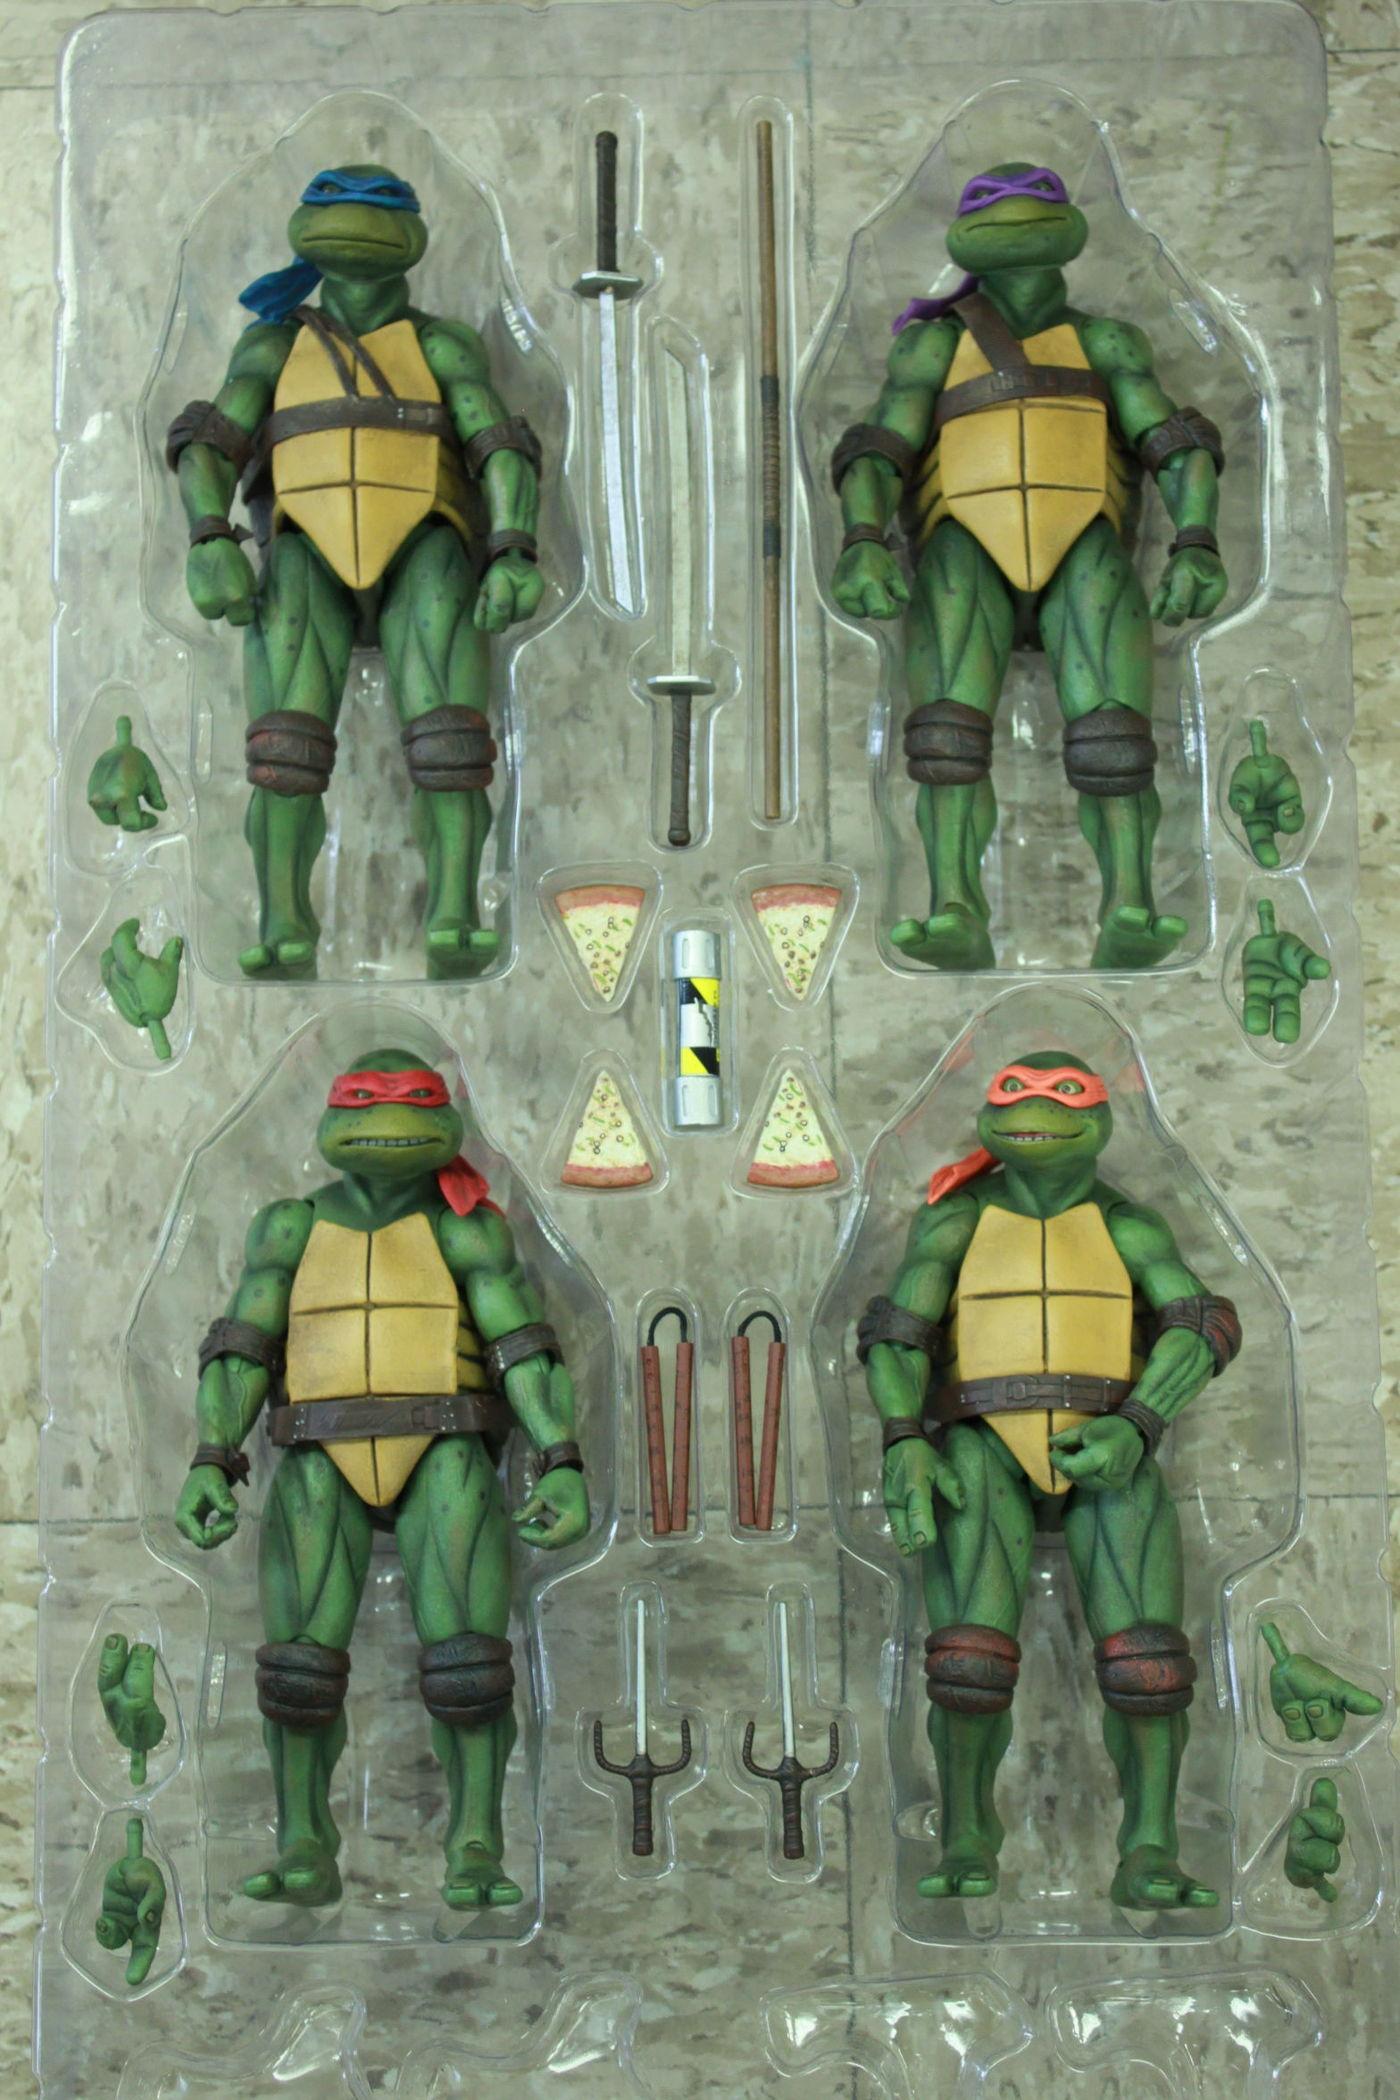 """SET 4 NECA Ninja Turtles 1990 Movie GameStop Exclusive 7/"""" TMNT Figures IN HAND"""